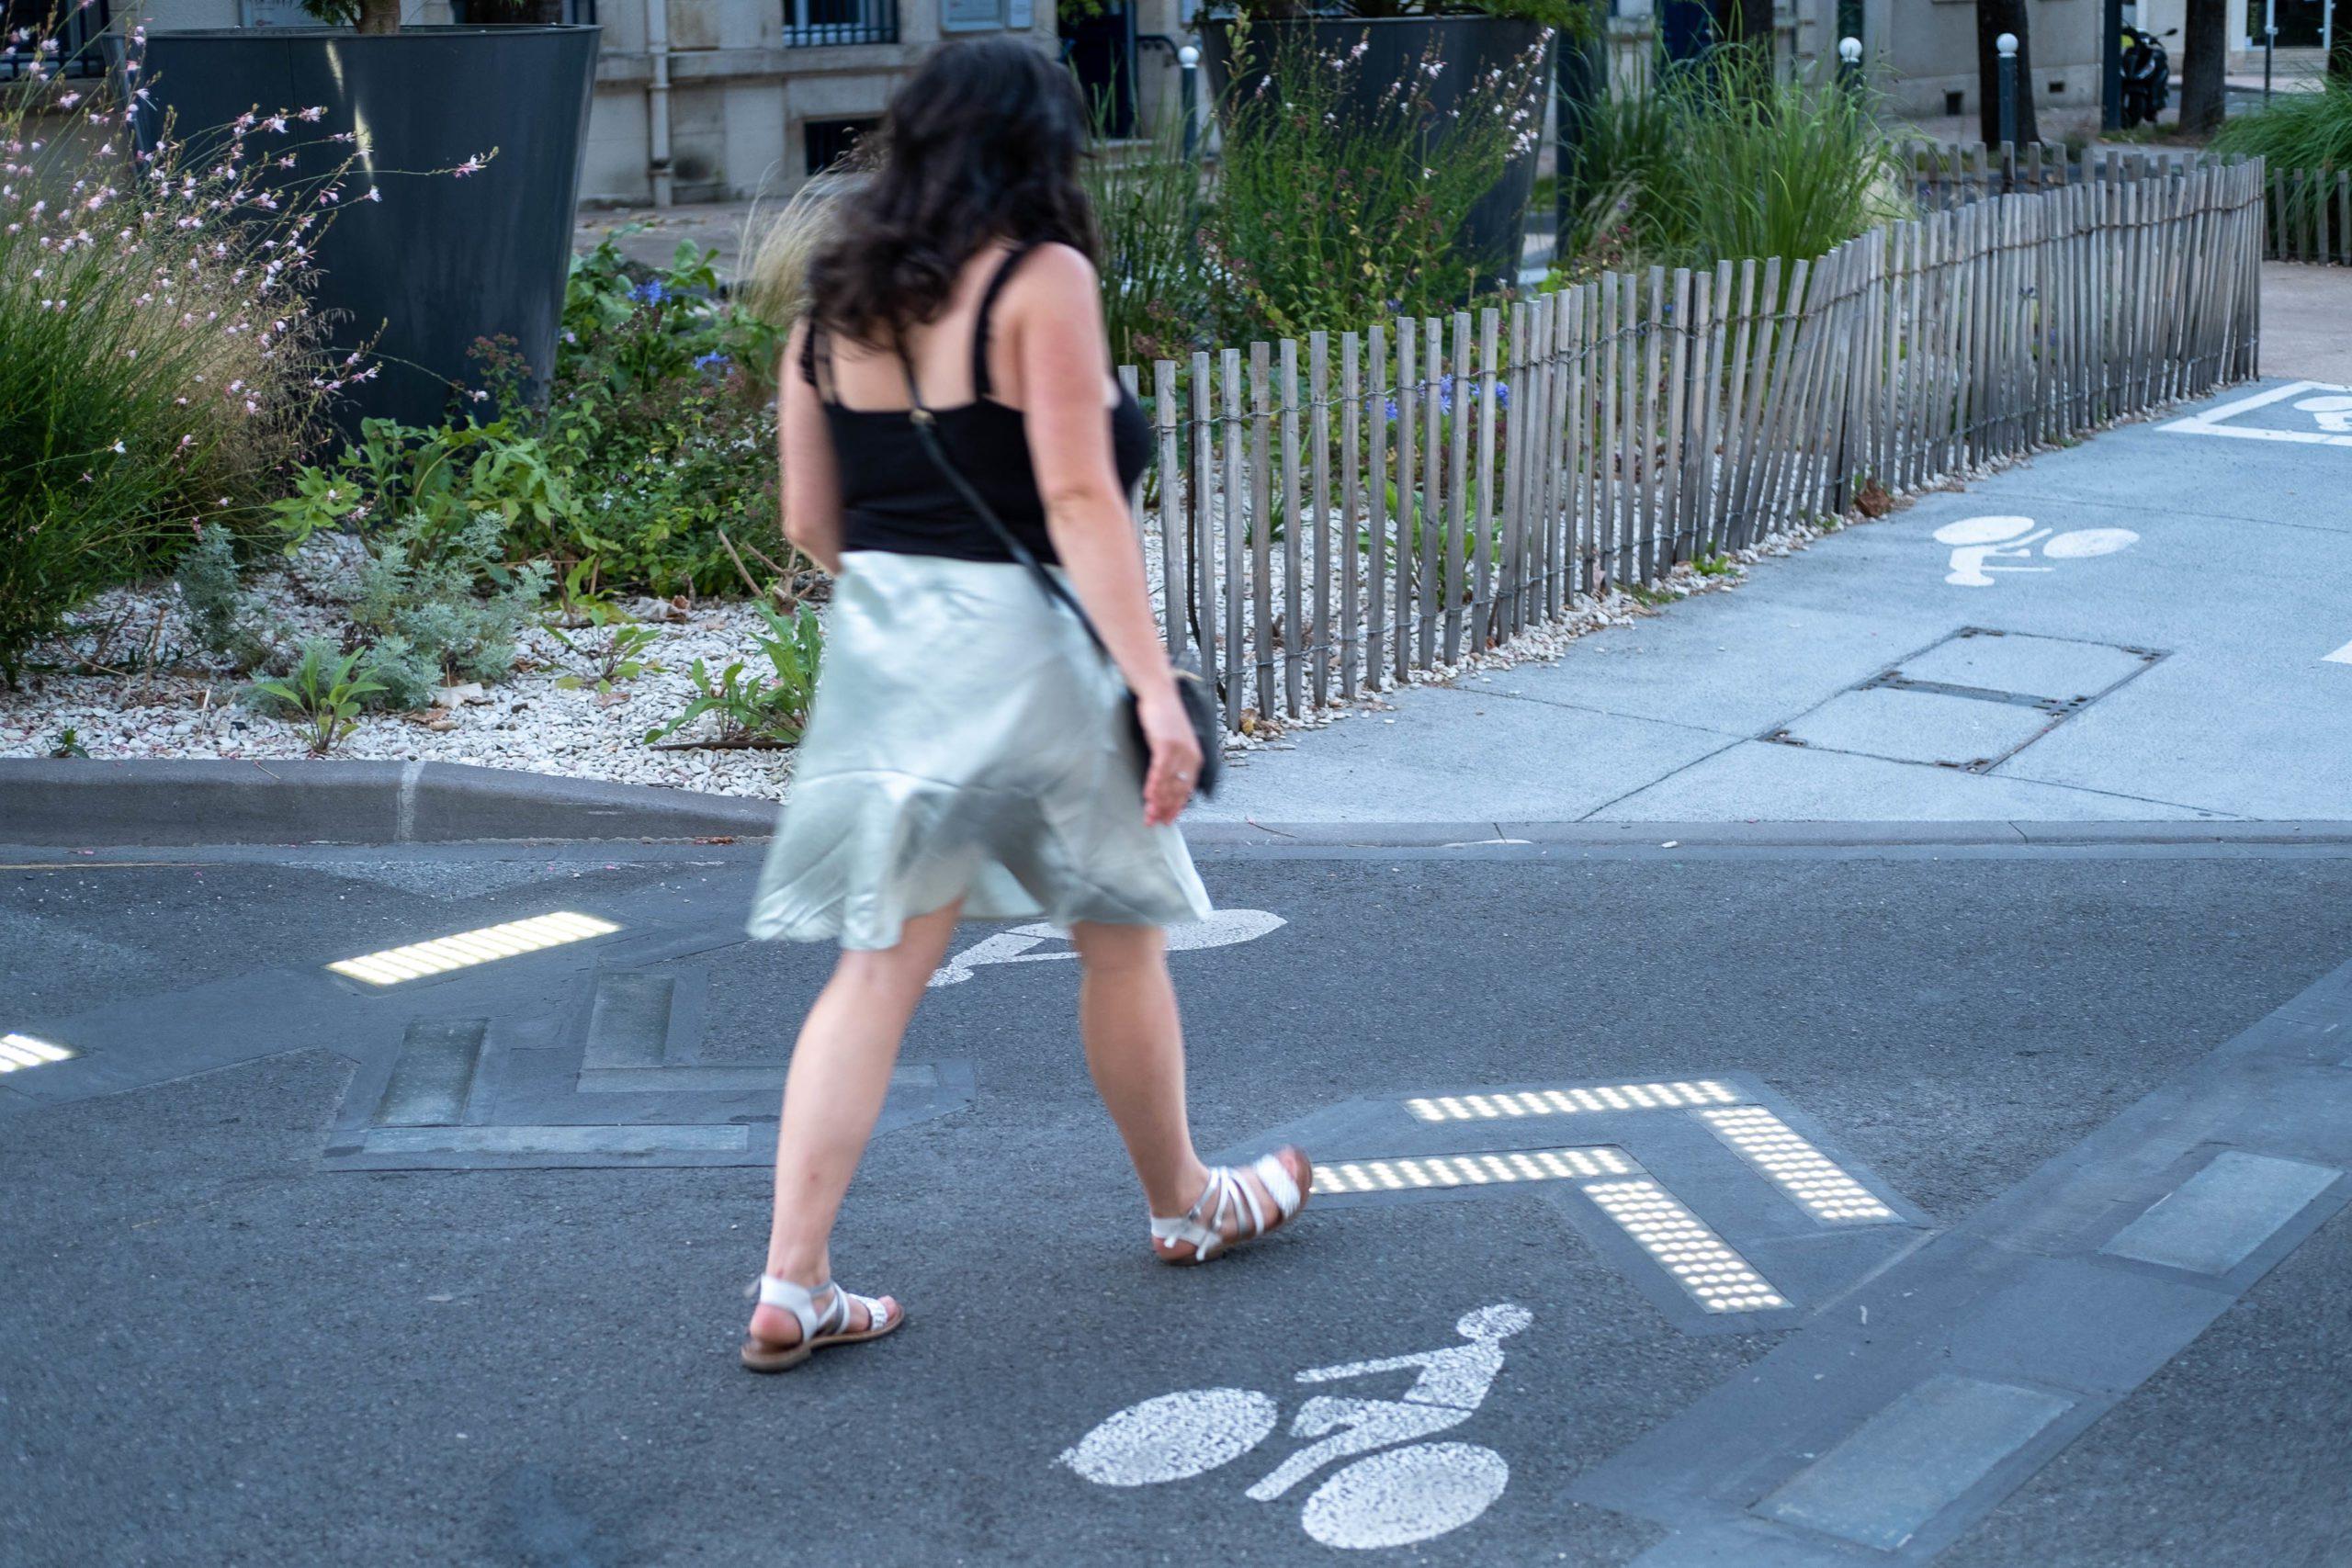 FRANCE, NEVERS, 2021/07/30. Illuminated crosswalk. Florian Jannot-Caeillete / APJ / Hans Lucas. FRANCE, NEVERS, 2021/07/30. Passage pieton lumineux. Florian Jannot-Caeillete / APJ / Hans Lucas.